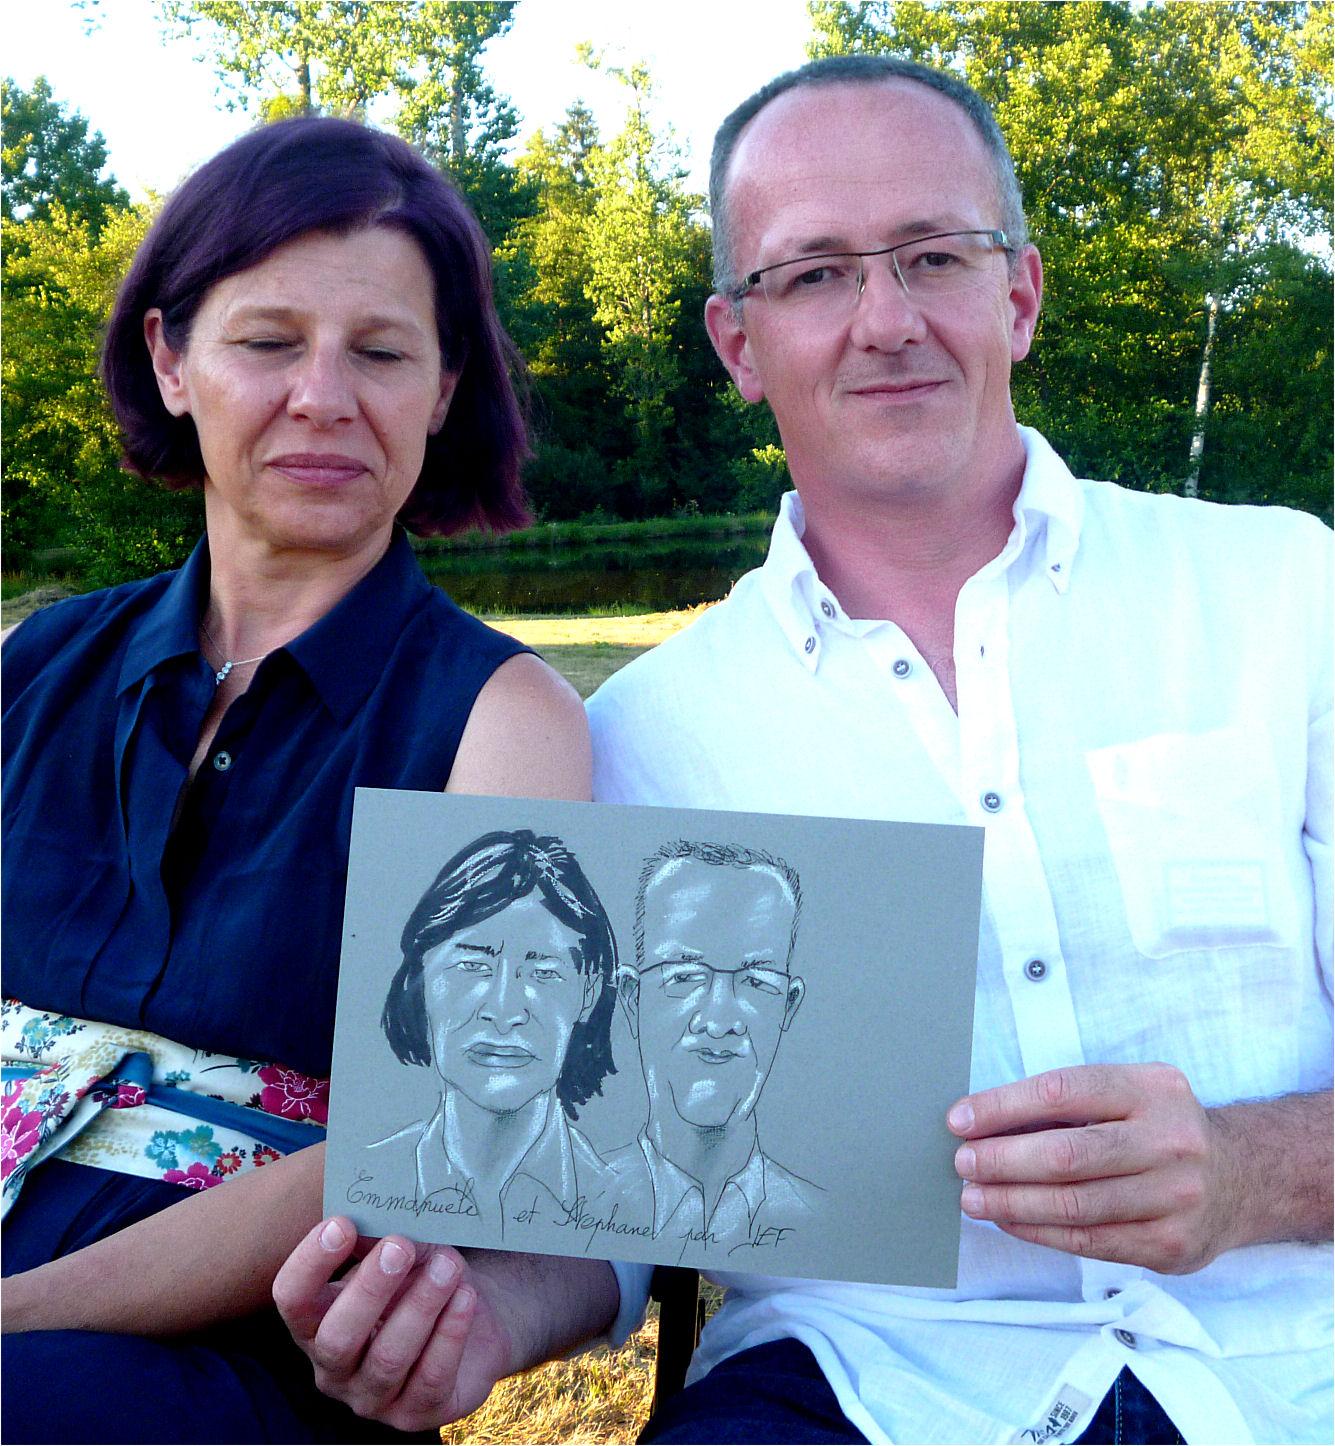 Emmanuèle et Stéphane caricature de JEF